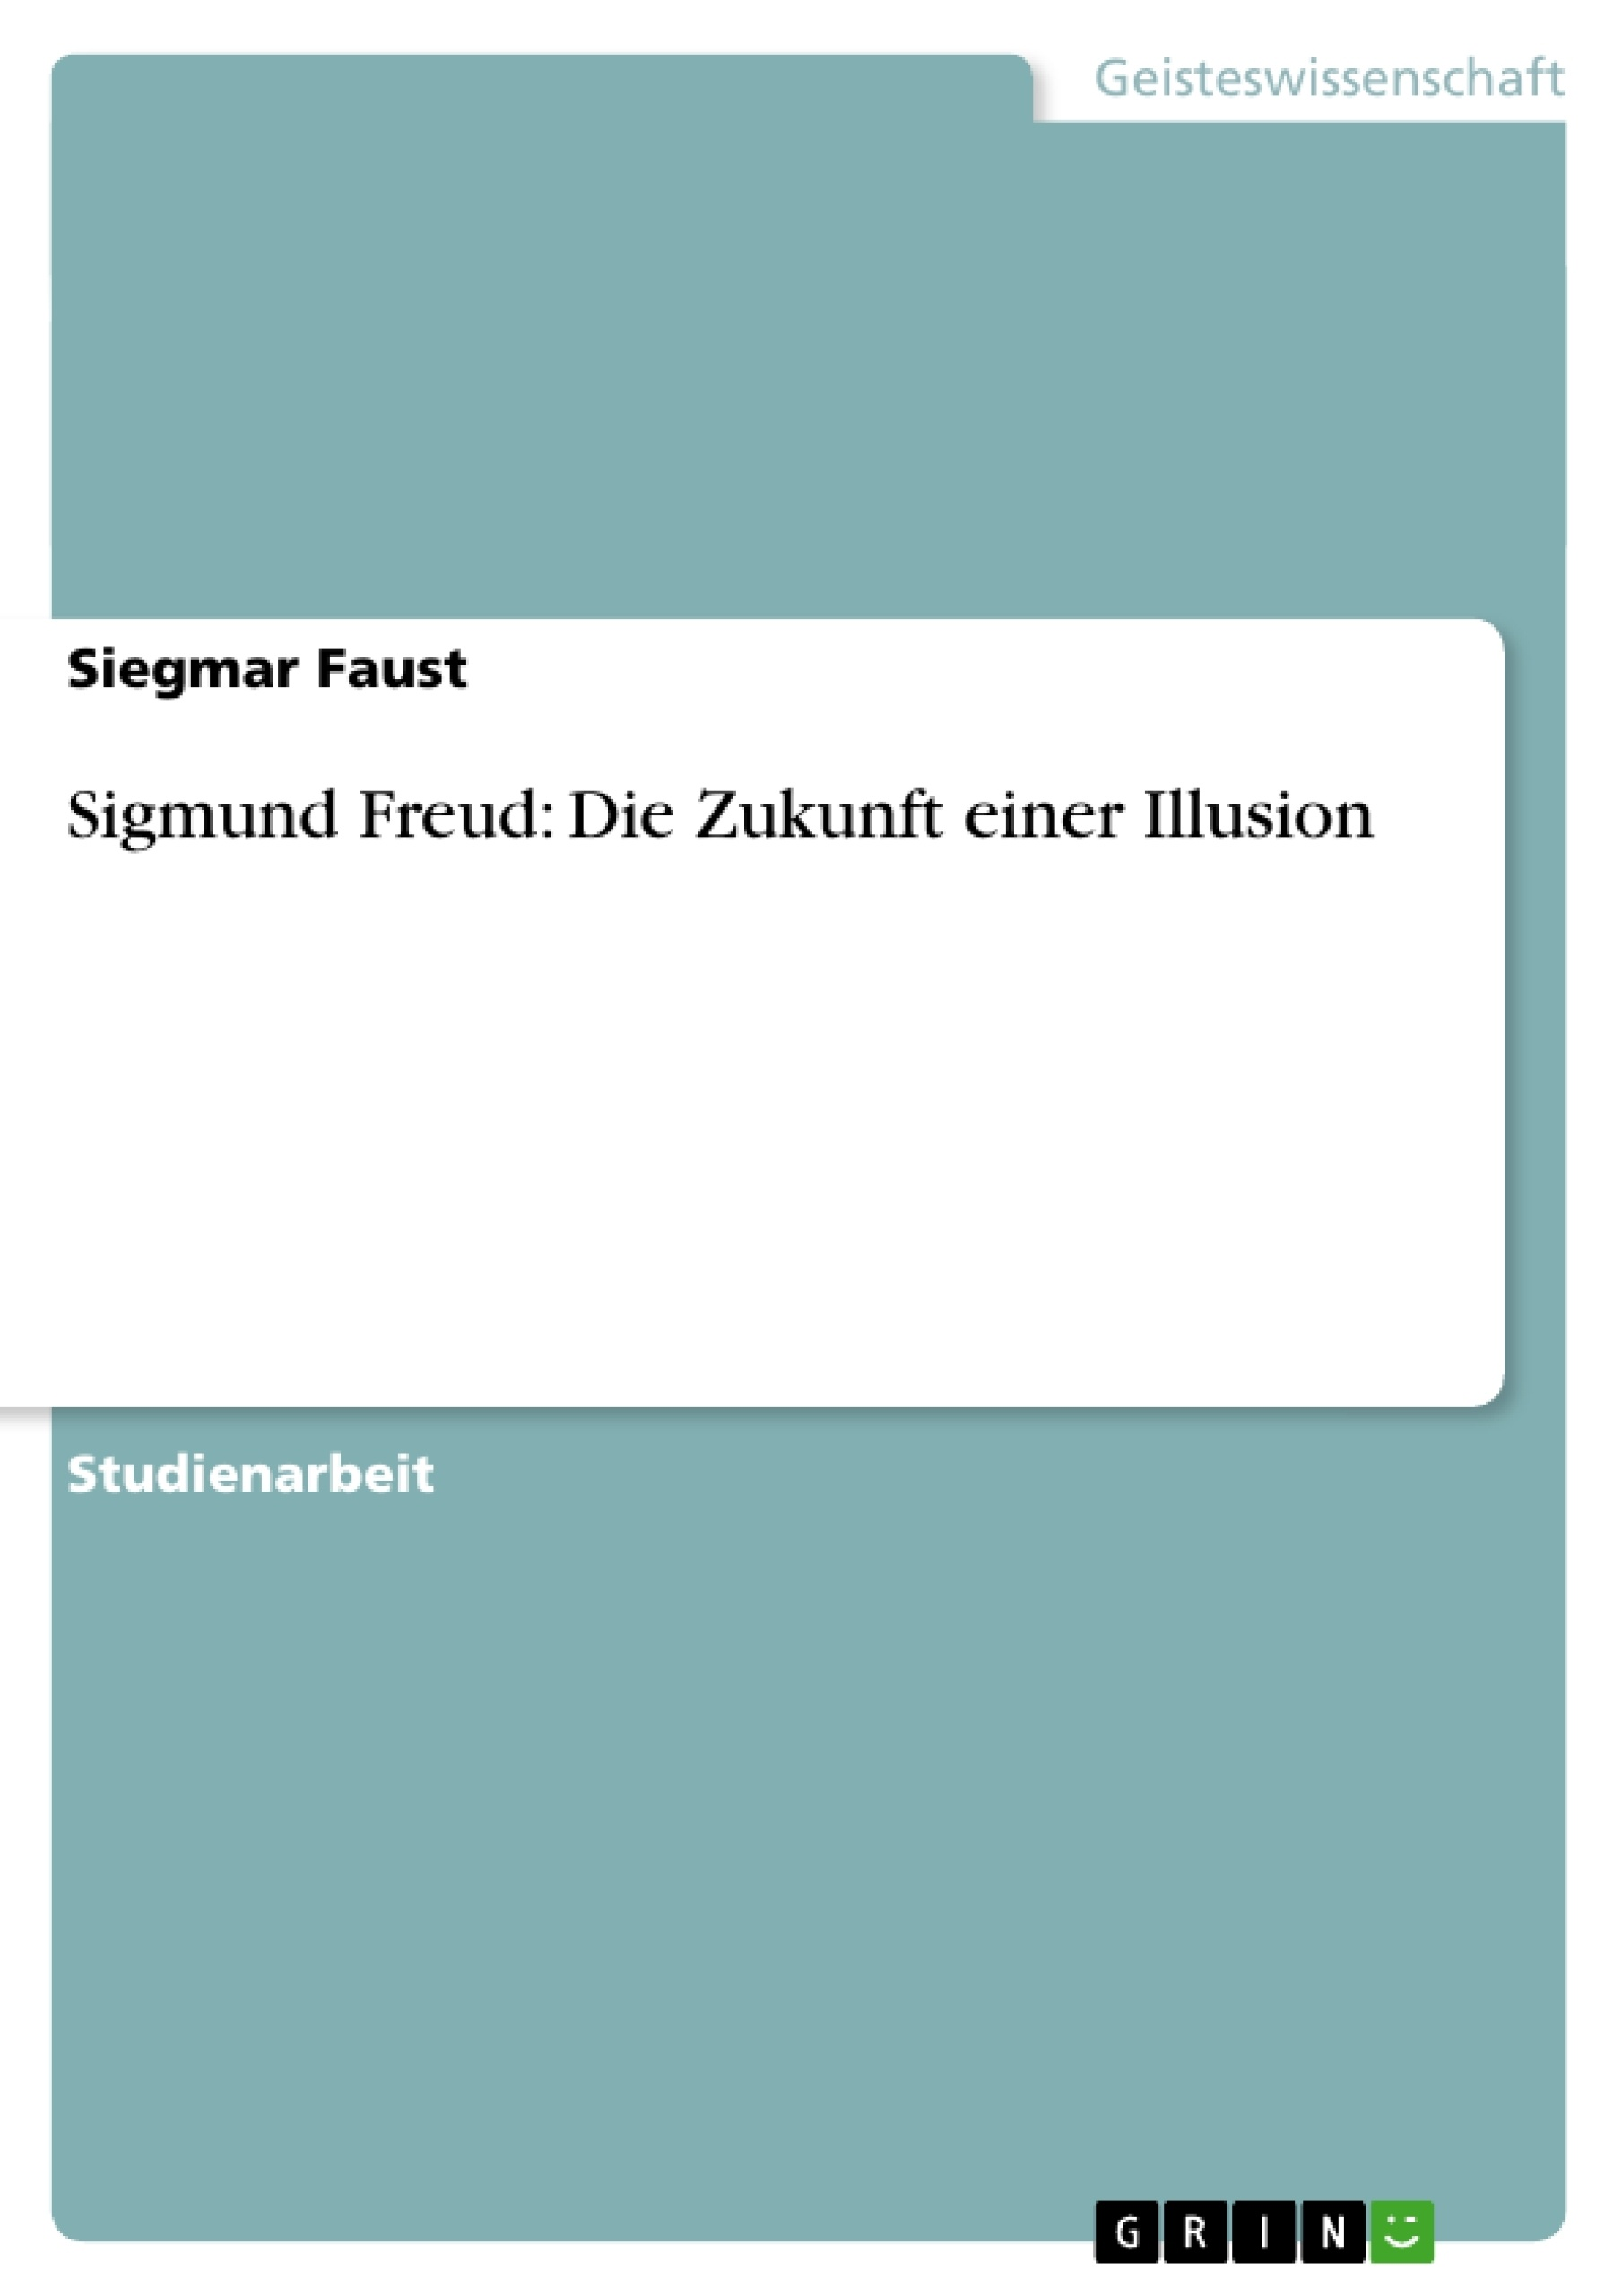 Titel: Sigmund Freud: Die Zukunft einer Illusion